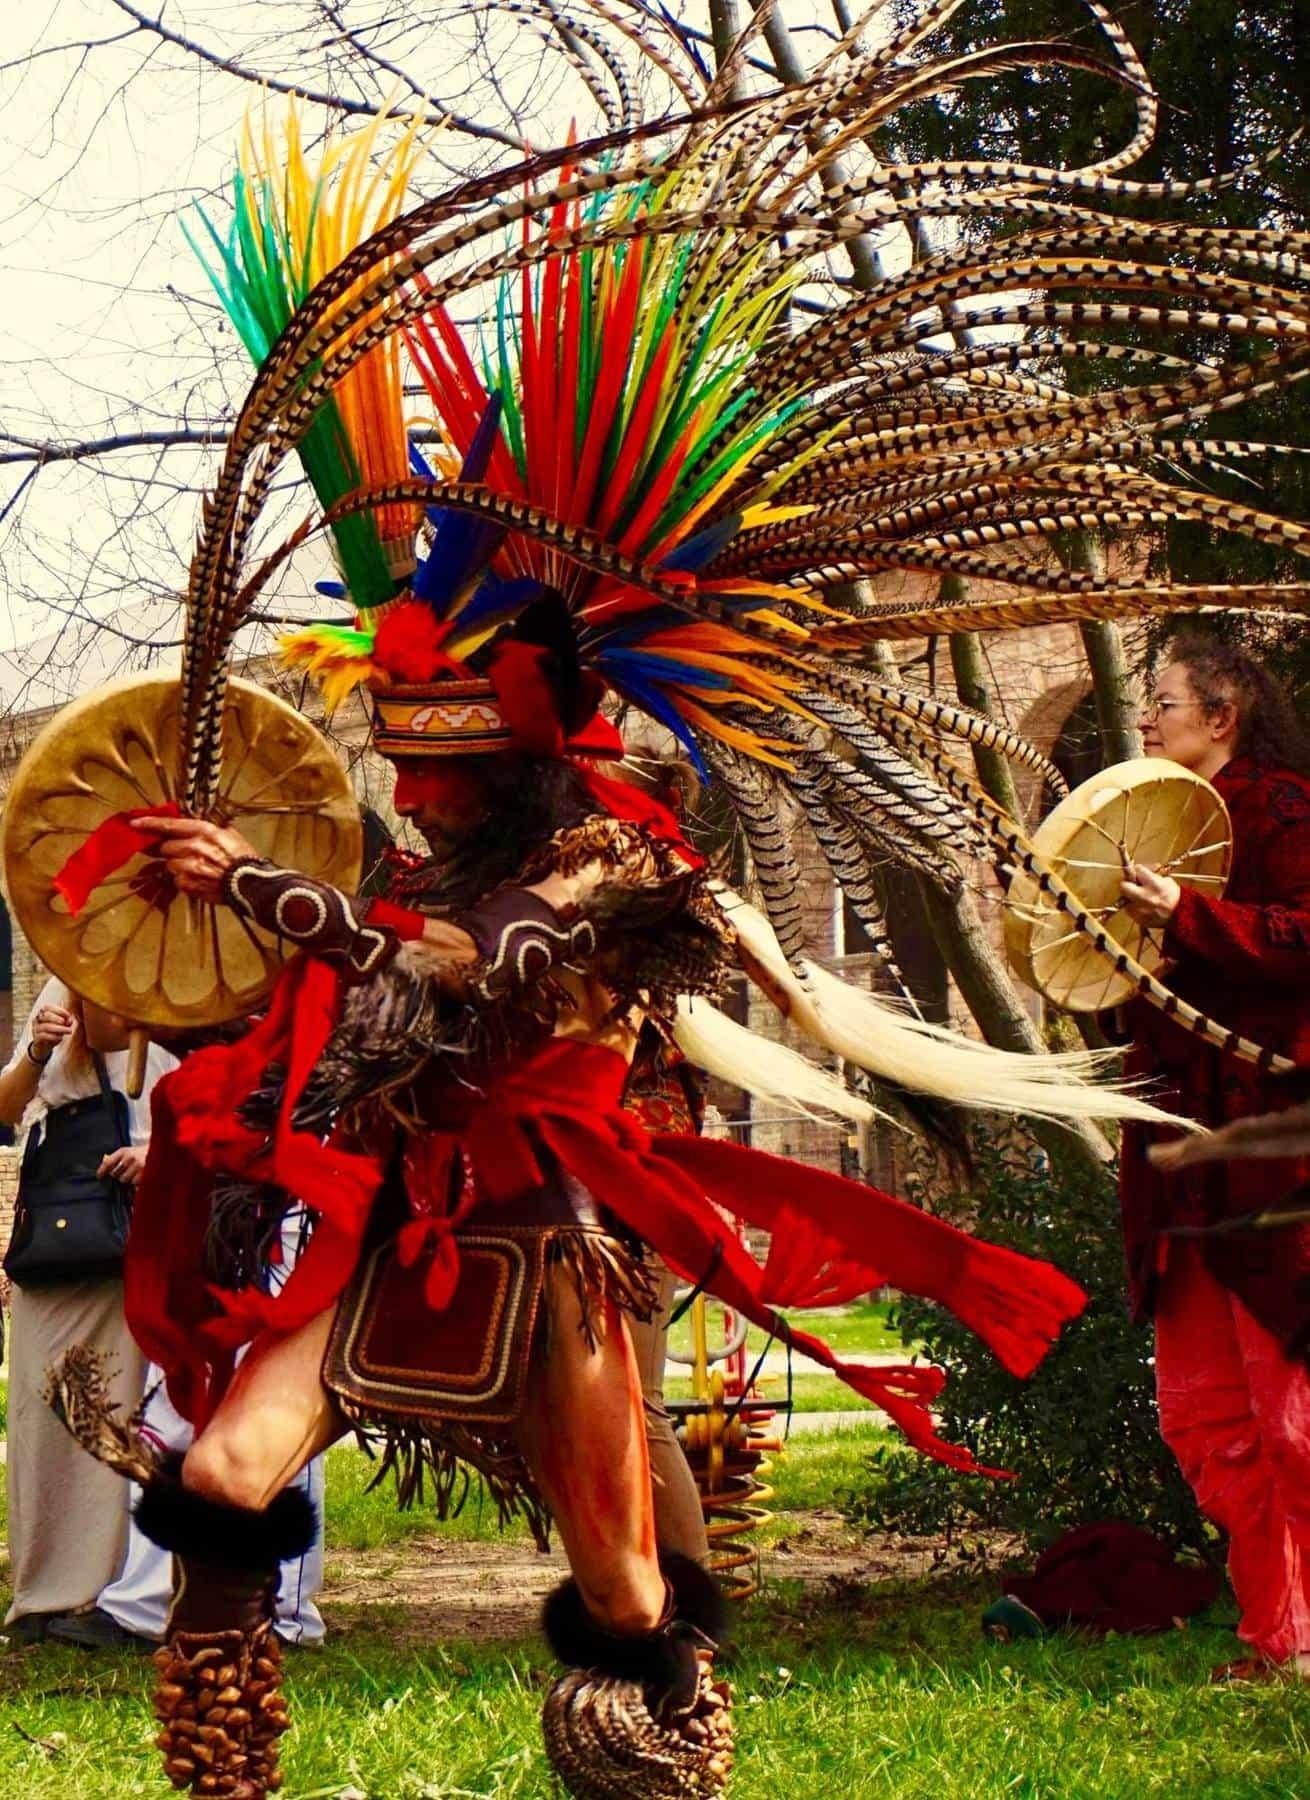 Danza cerimoniale e rituale azteca